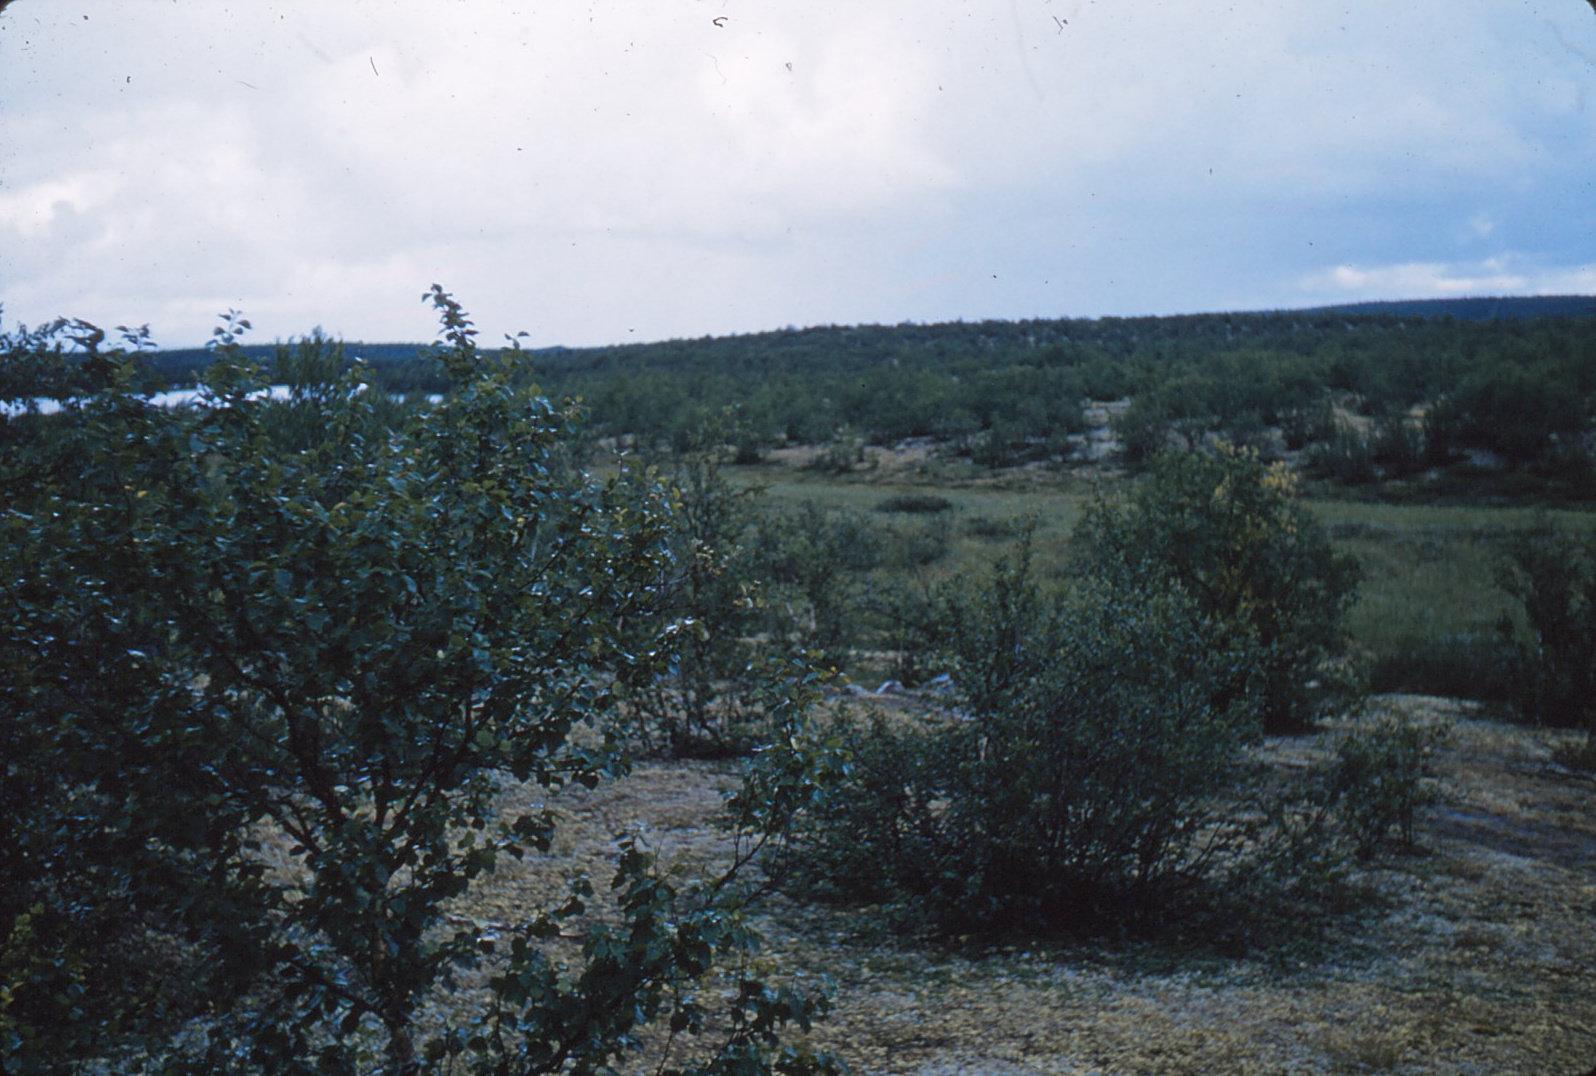 1065 (29) Landsschap met kleine berken, Z. van Oskal